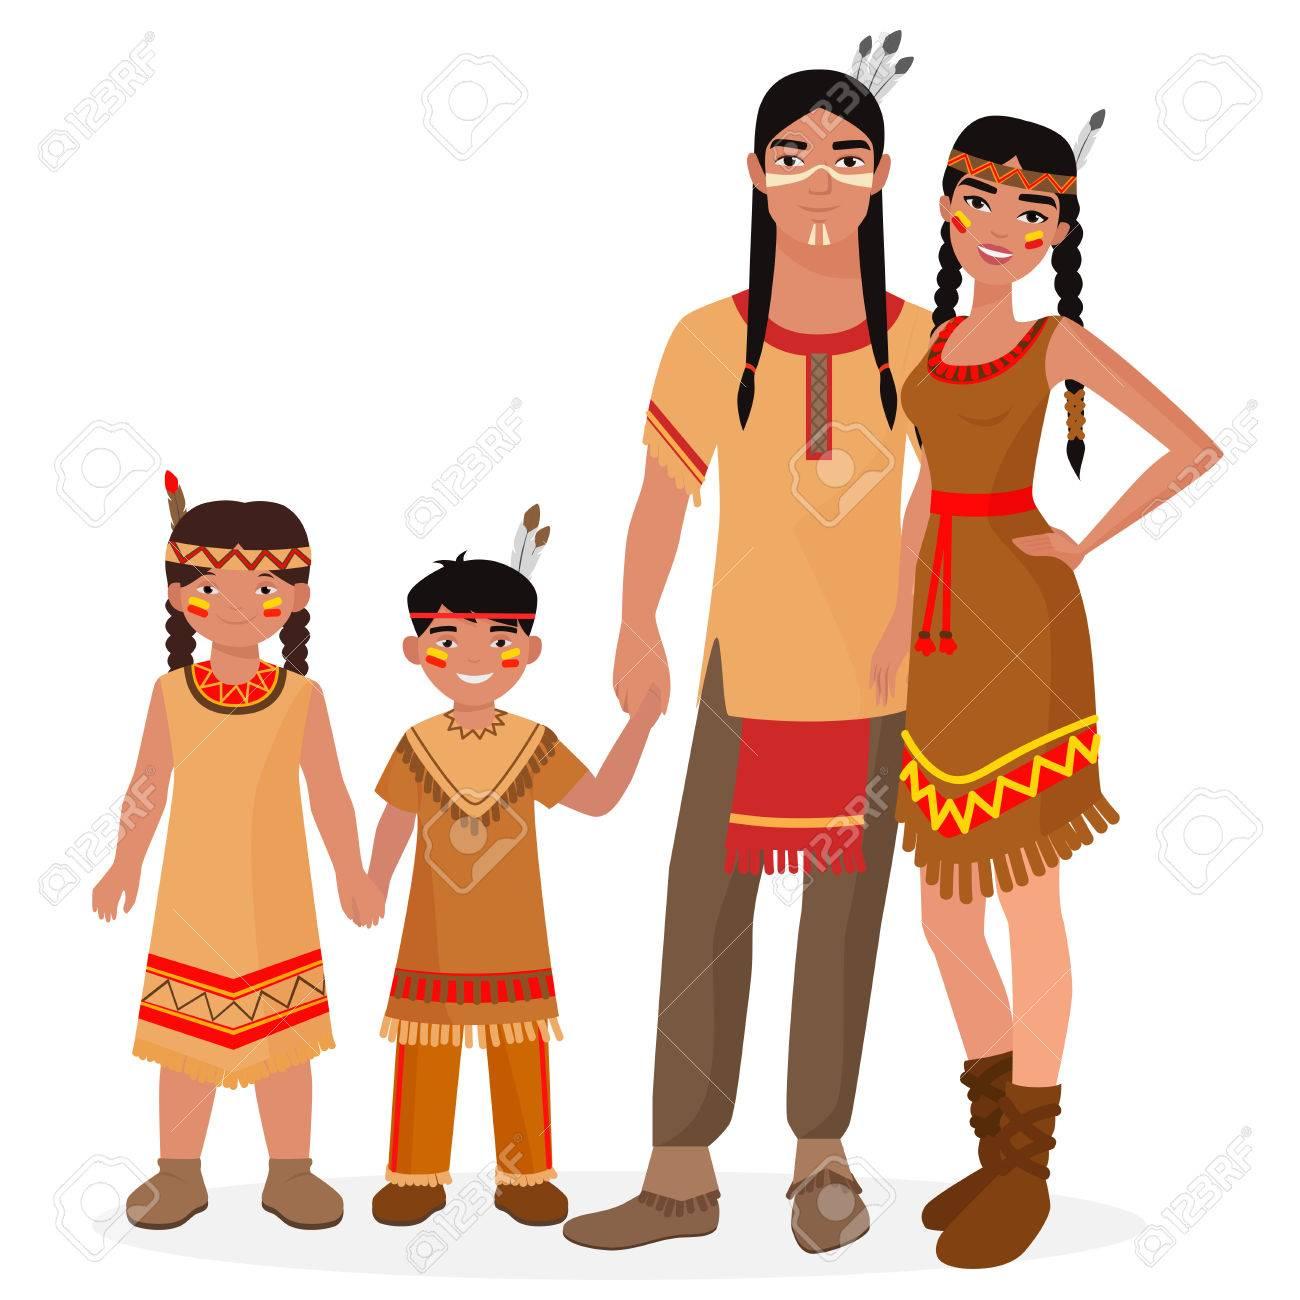 569b5abf1 Familia tradicional india americana nativa. El hombre indio americano y de  la mujer. niño